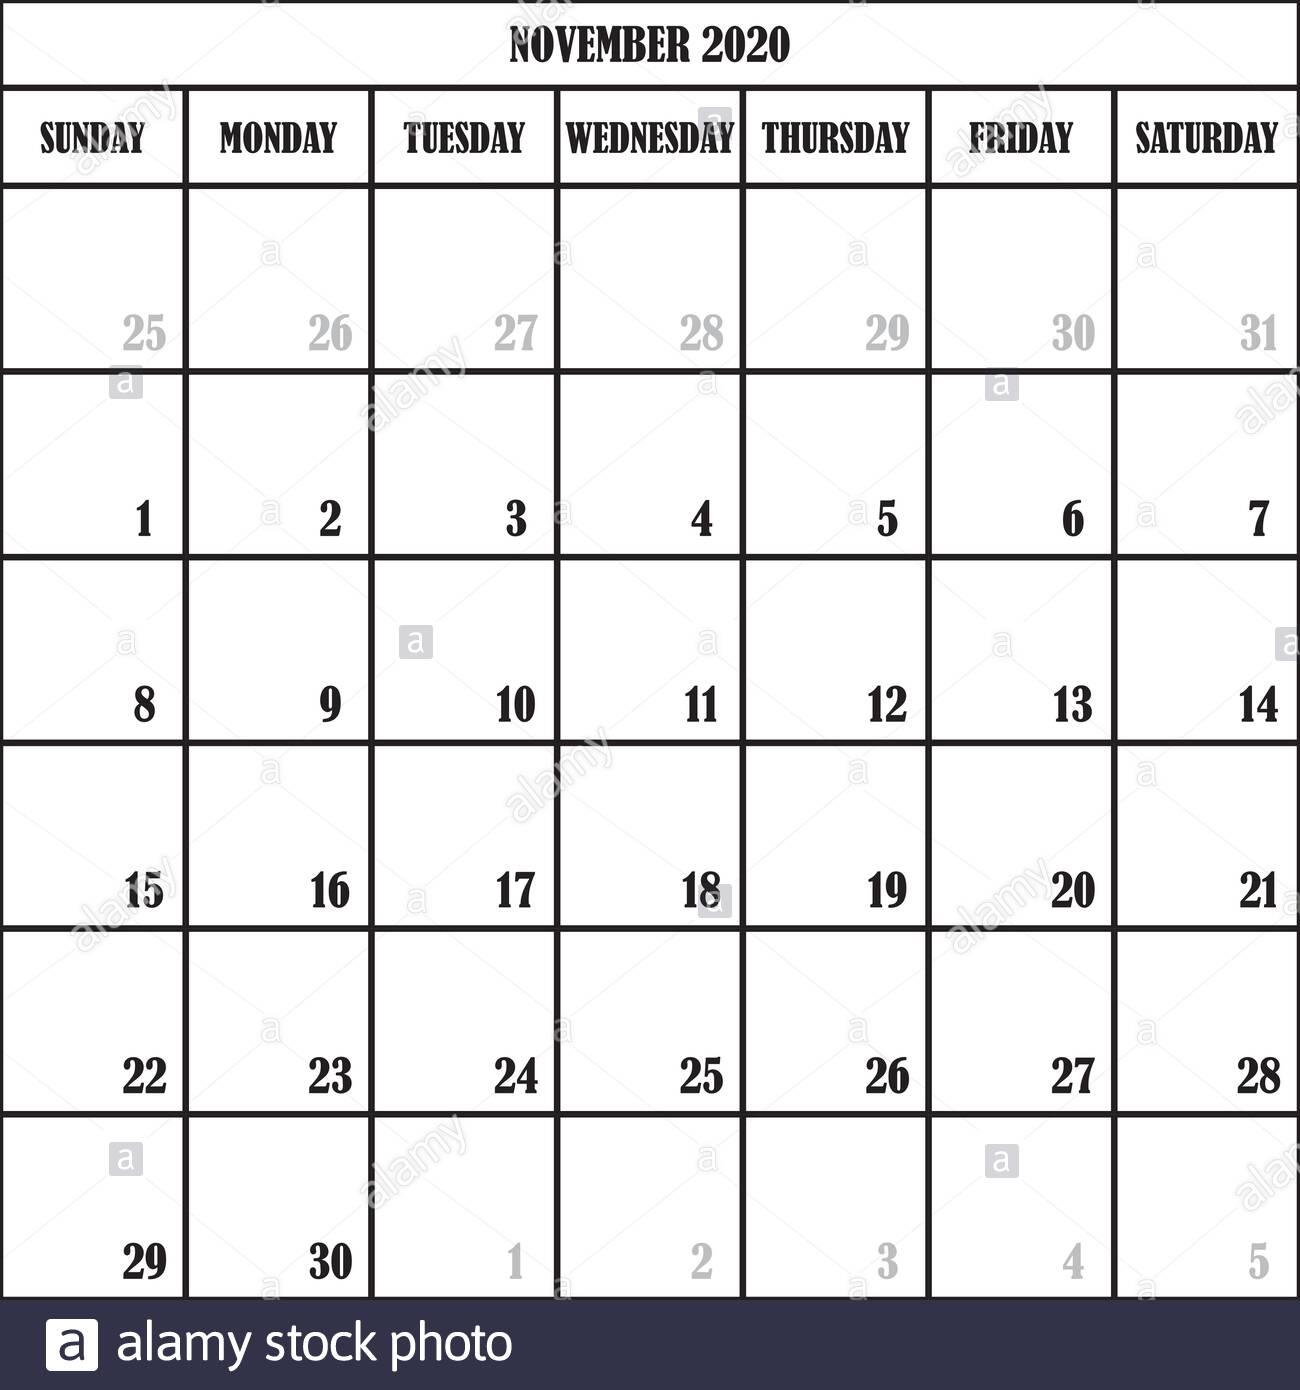 Calendar Planner Month November 2020 On Transparent within November Calendar 2020 Transparent